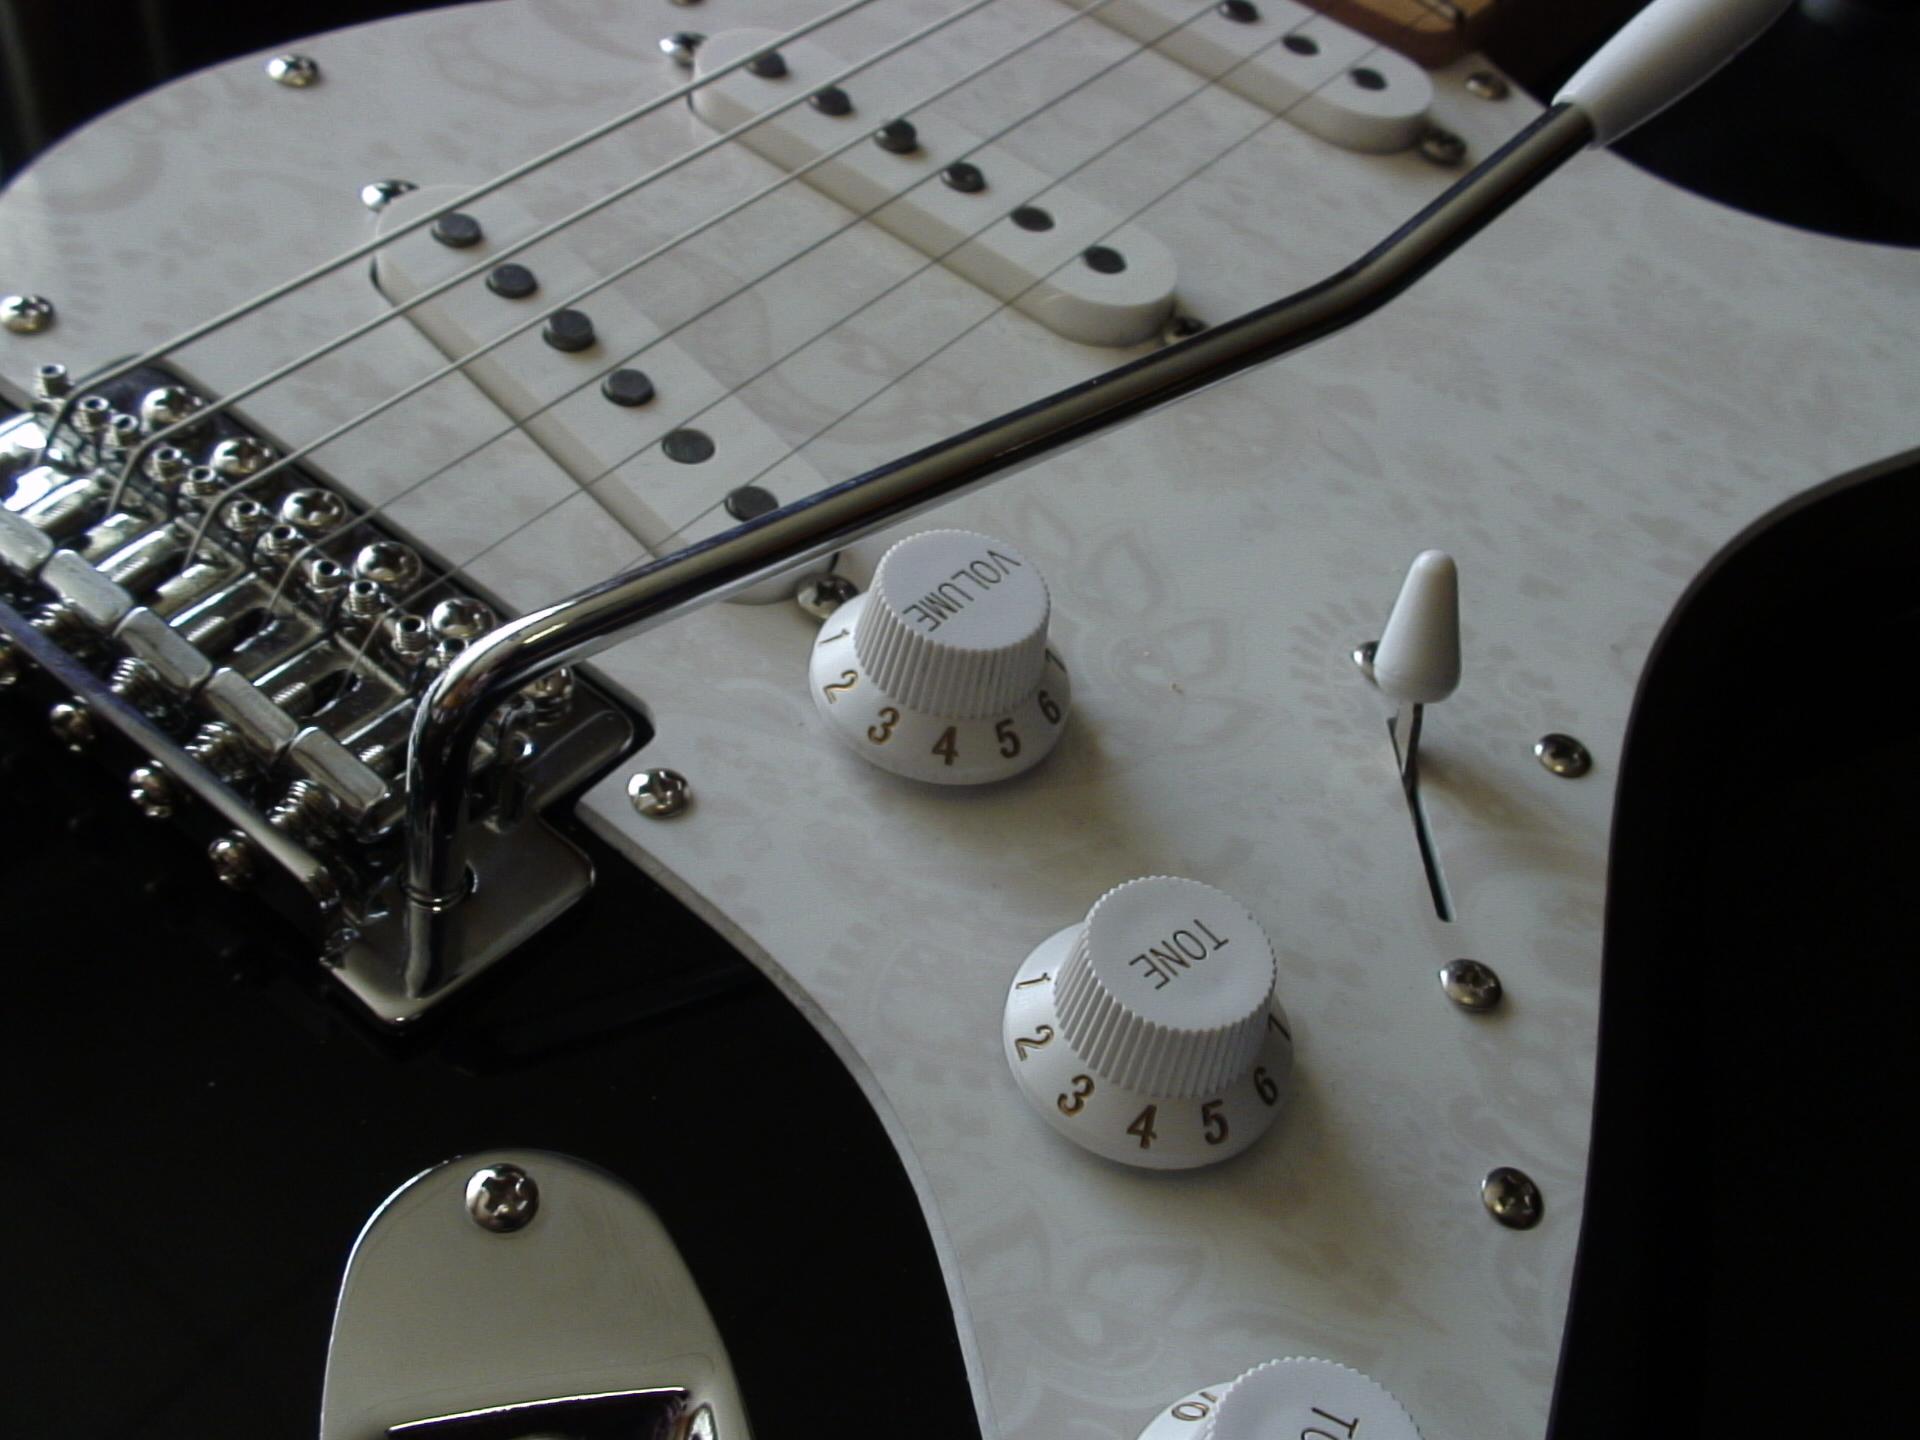 Fender Stratocaster Wallpaper Fender stratocaster 1920x1440